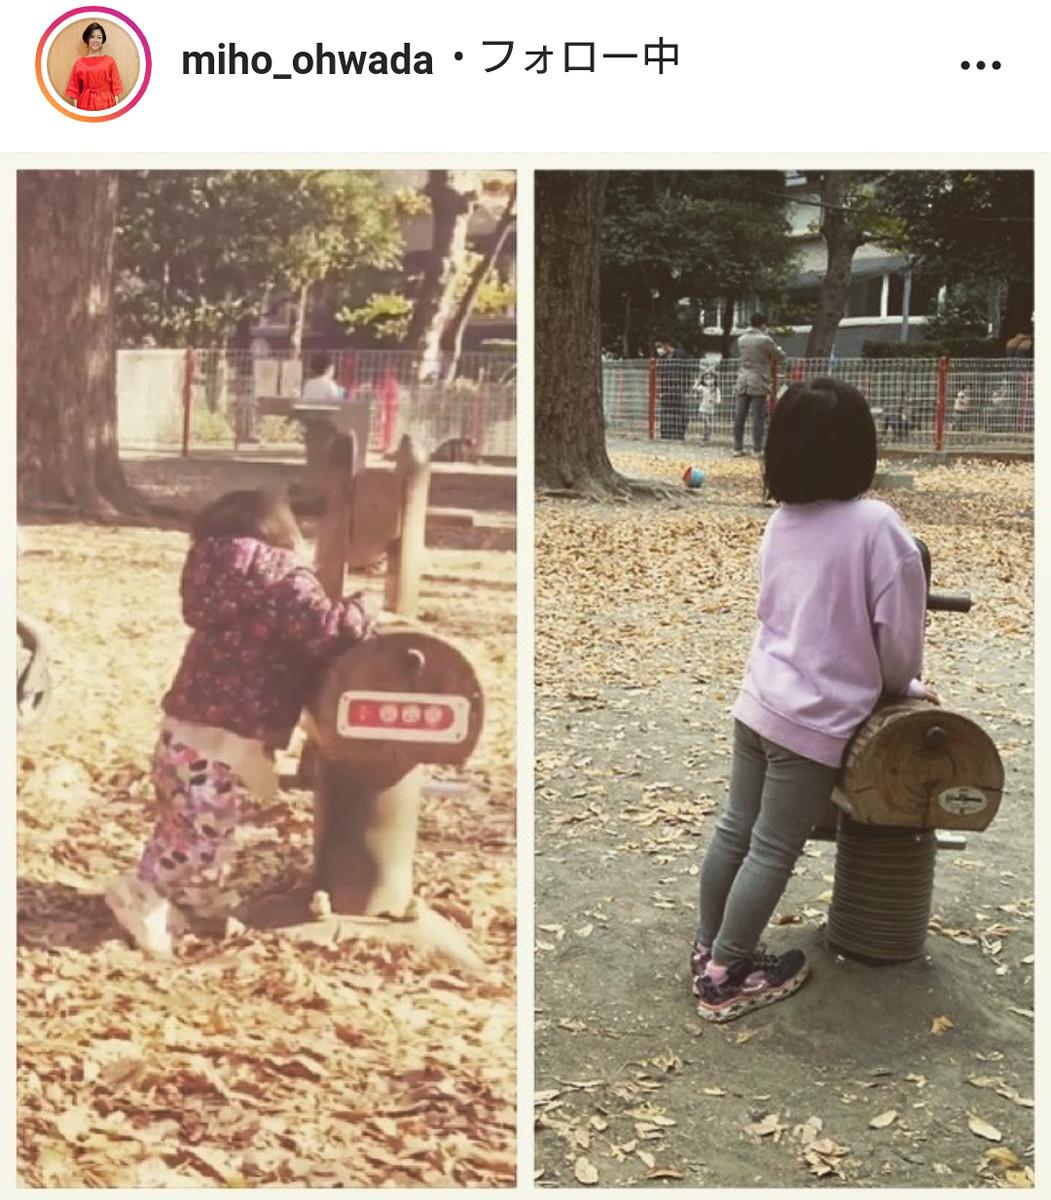 大和田美帆、5歳長女が1歳の時との比較写真を公開「スクスク育ってますーー!!」 : スポーツ報知